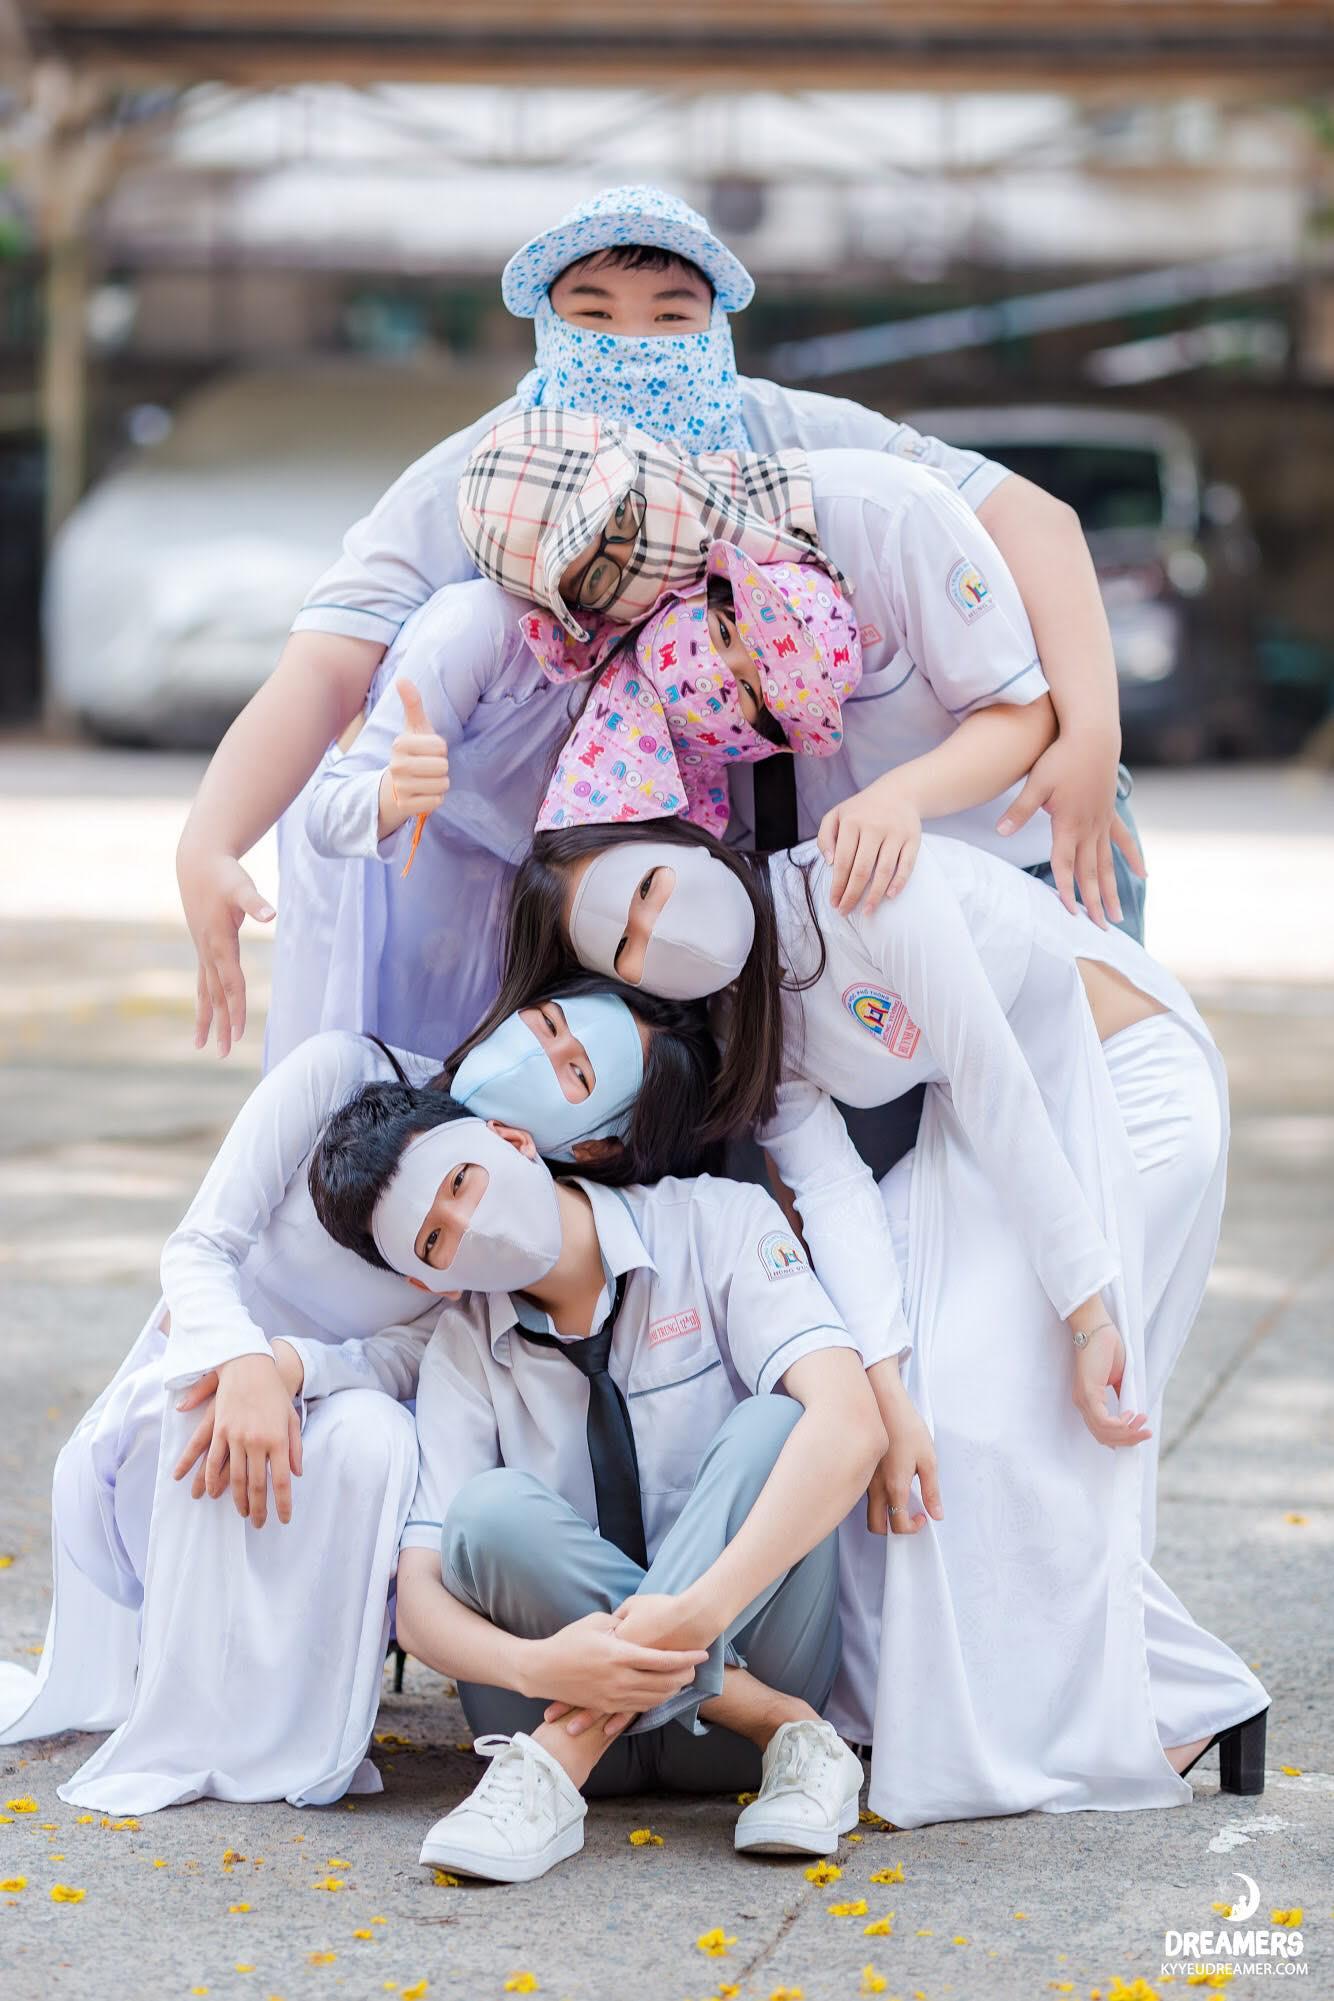 Muốn có bộ ảnh khó quên thời học sinh, hãy nhanh tay học hỏi style Ninja Lead từ các bạn này - Ảnh 1.